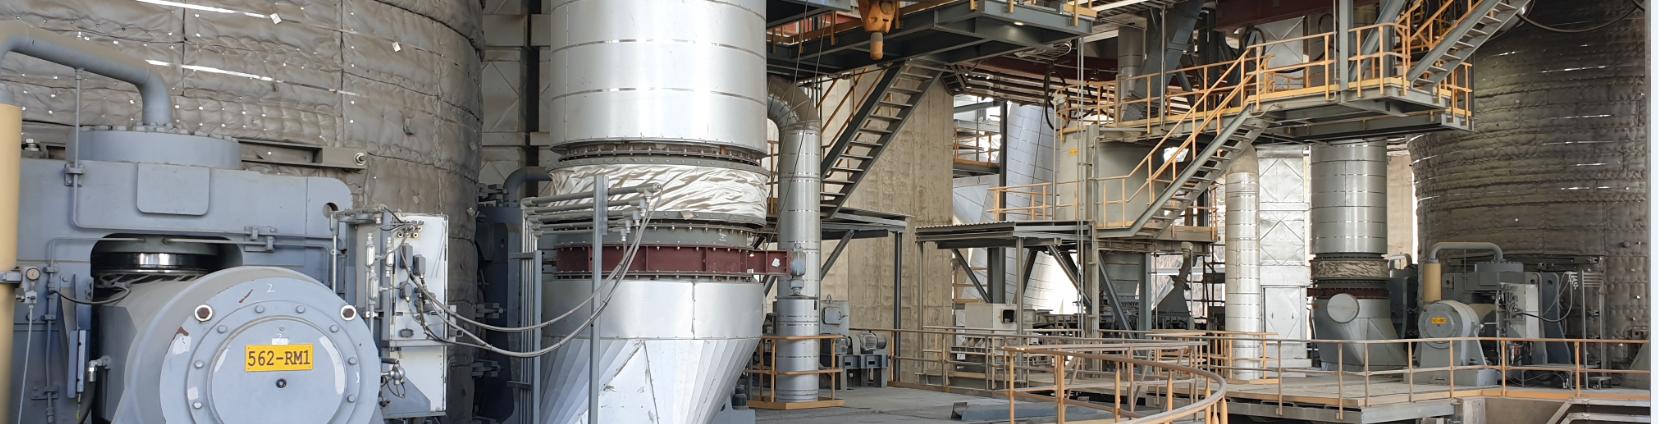 Cemento Progreso, Guatemala cement plant, quadropol